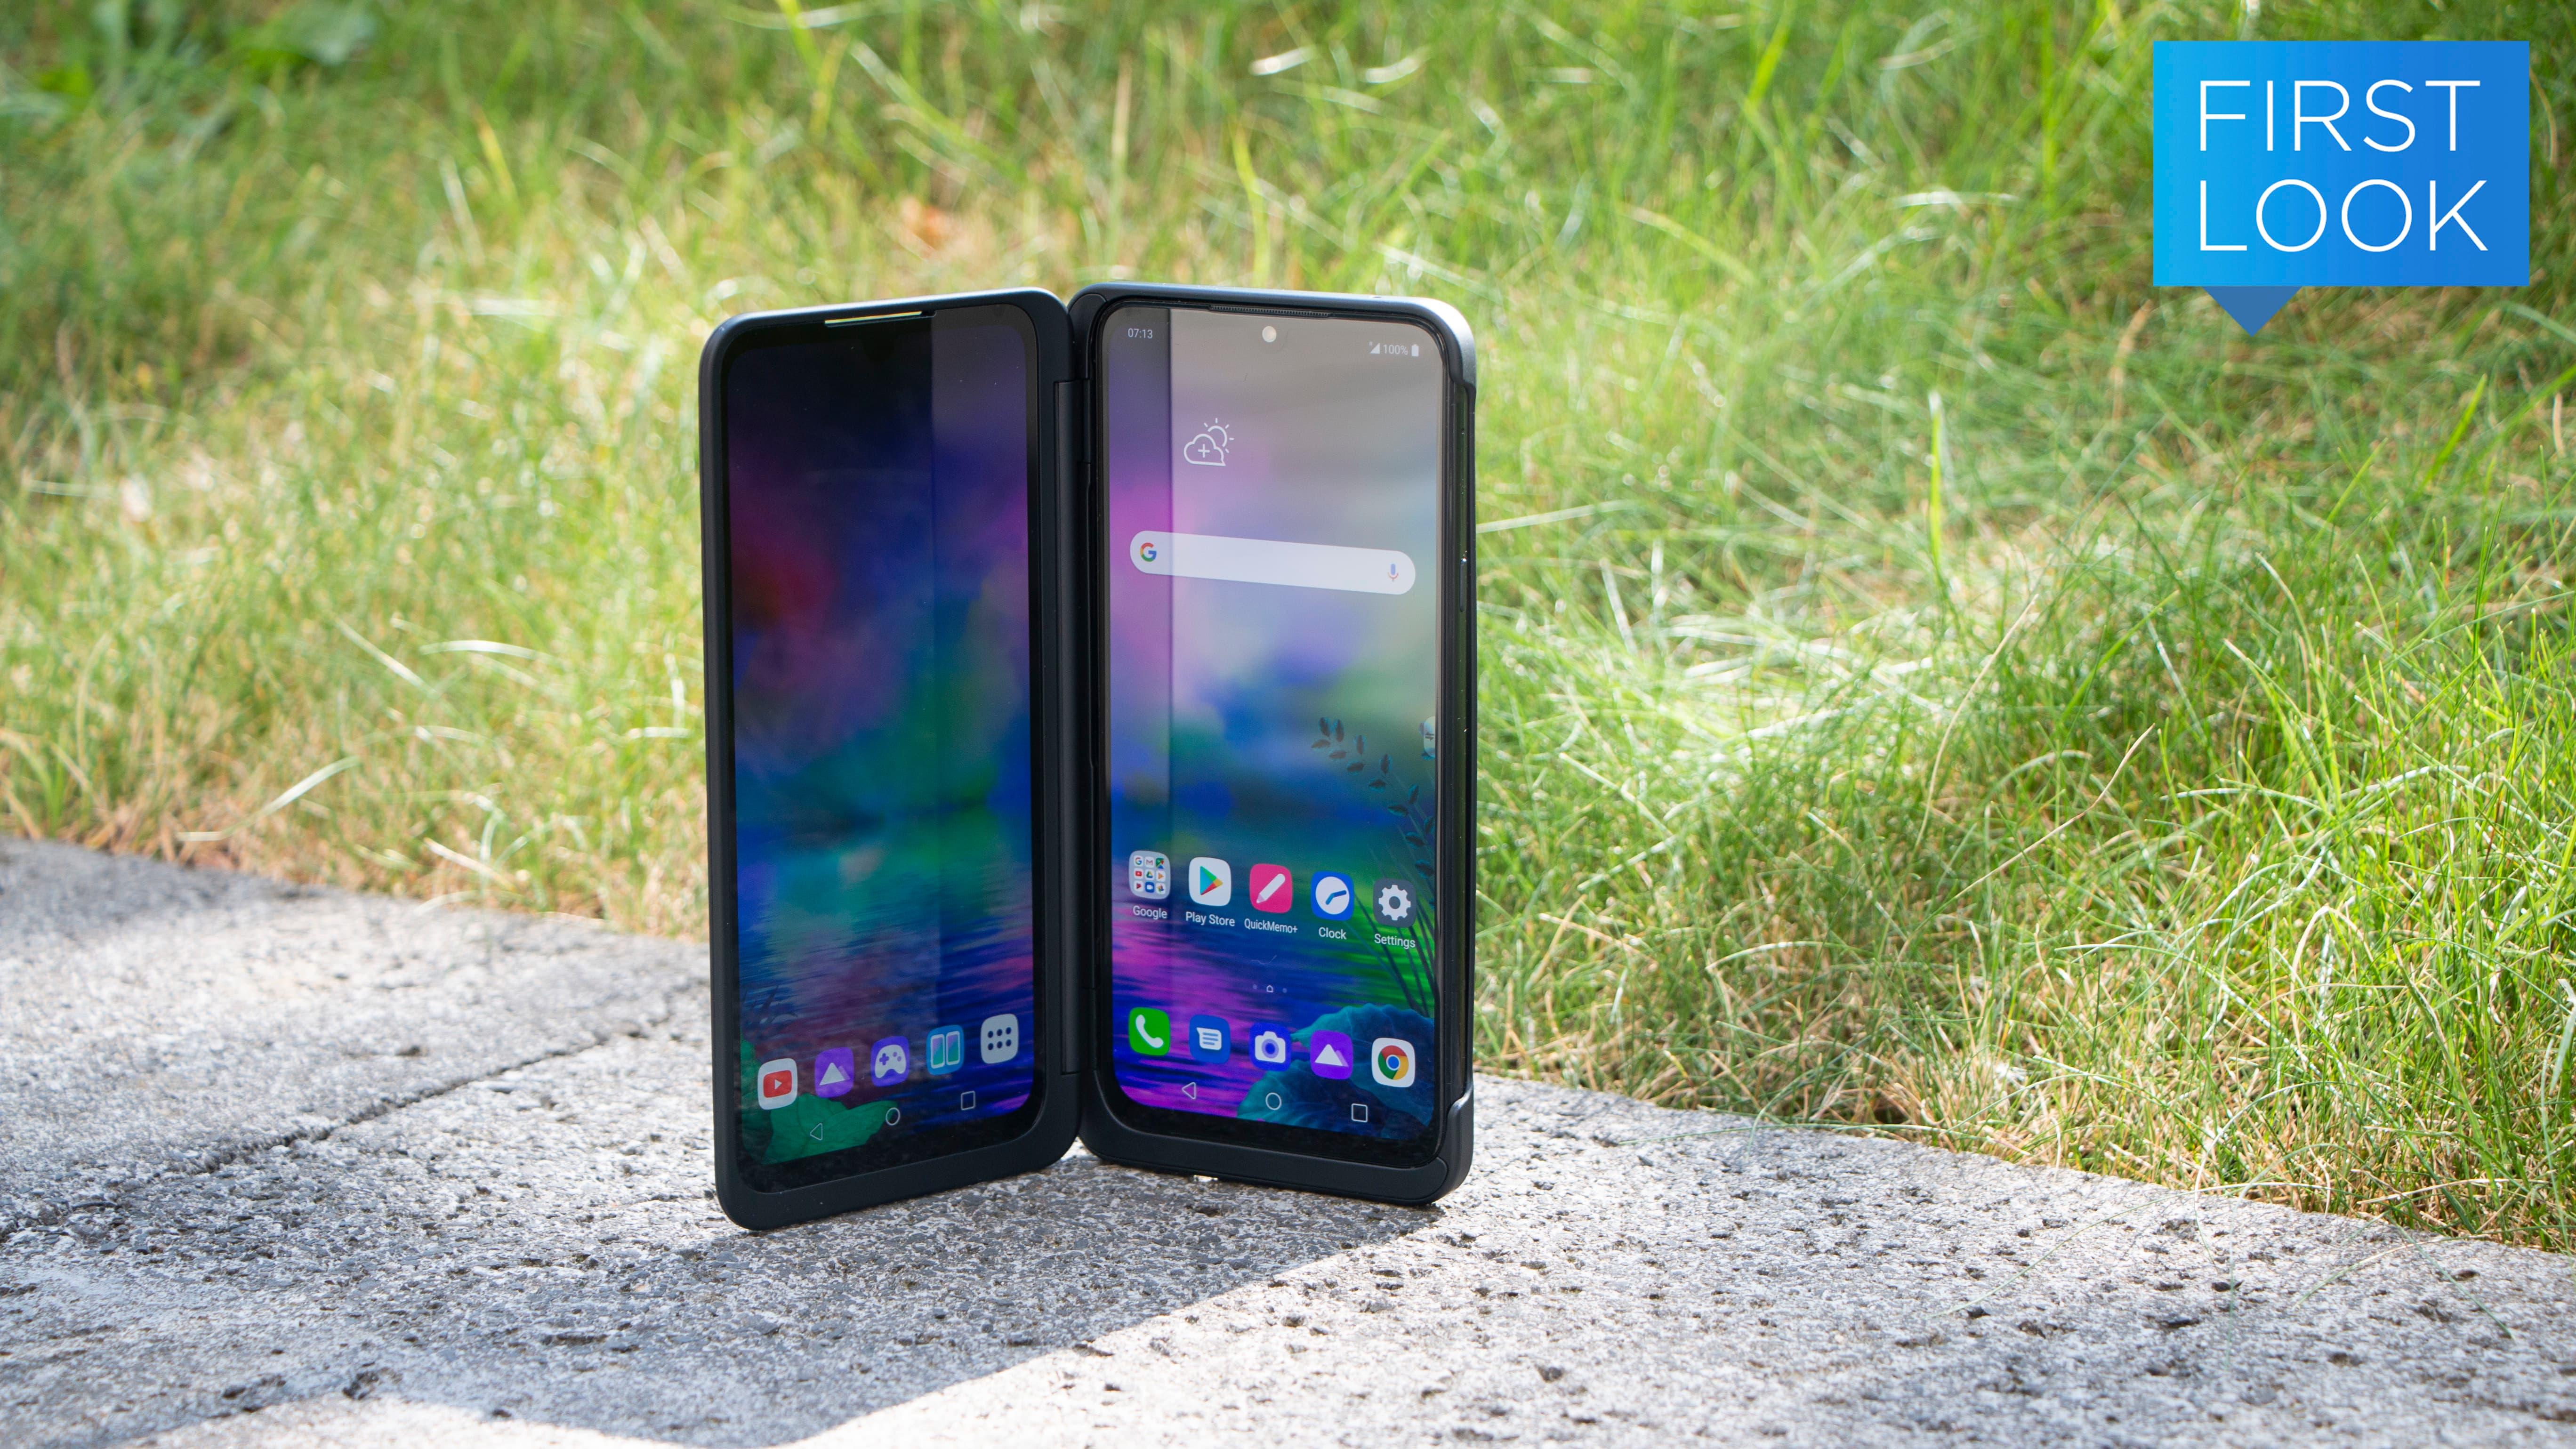 O novo celular de tela dupla da LG parece dois aparelhos em um